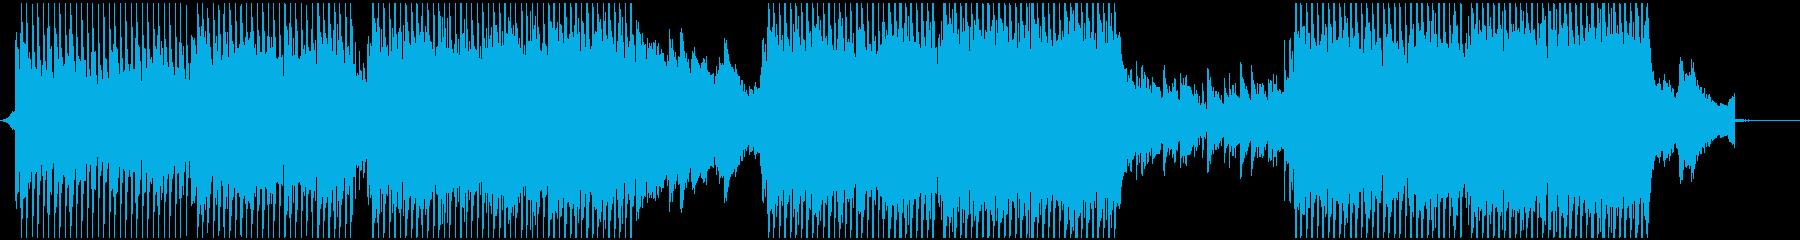 ポップ ロック 代替案 アンビエン...の再生済みの波形